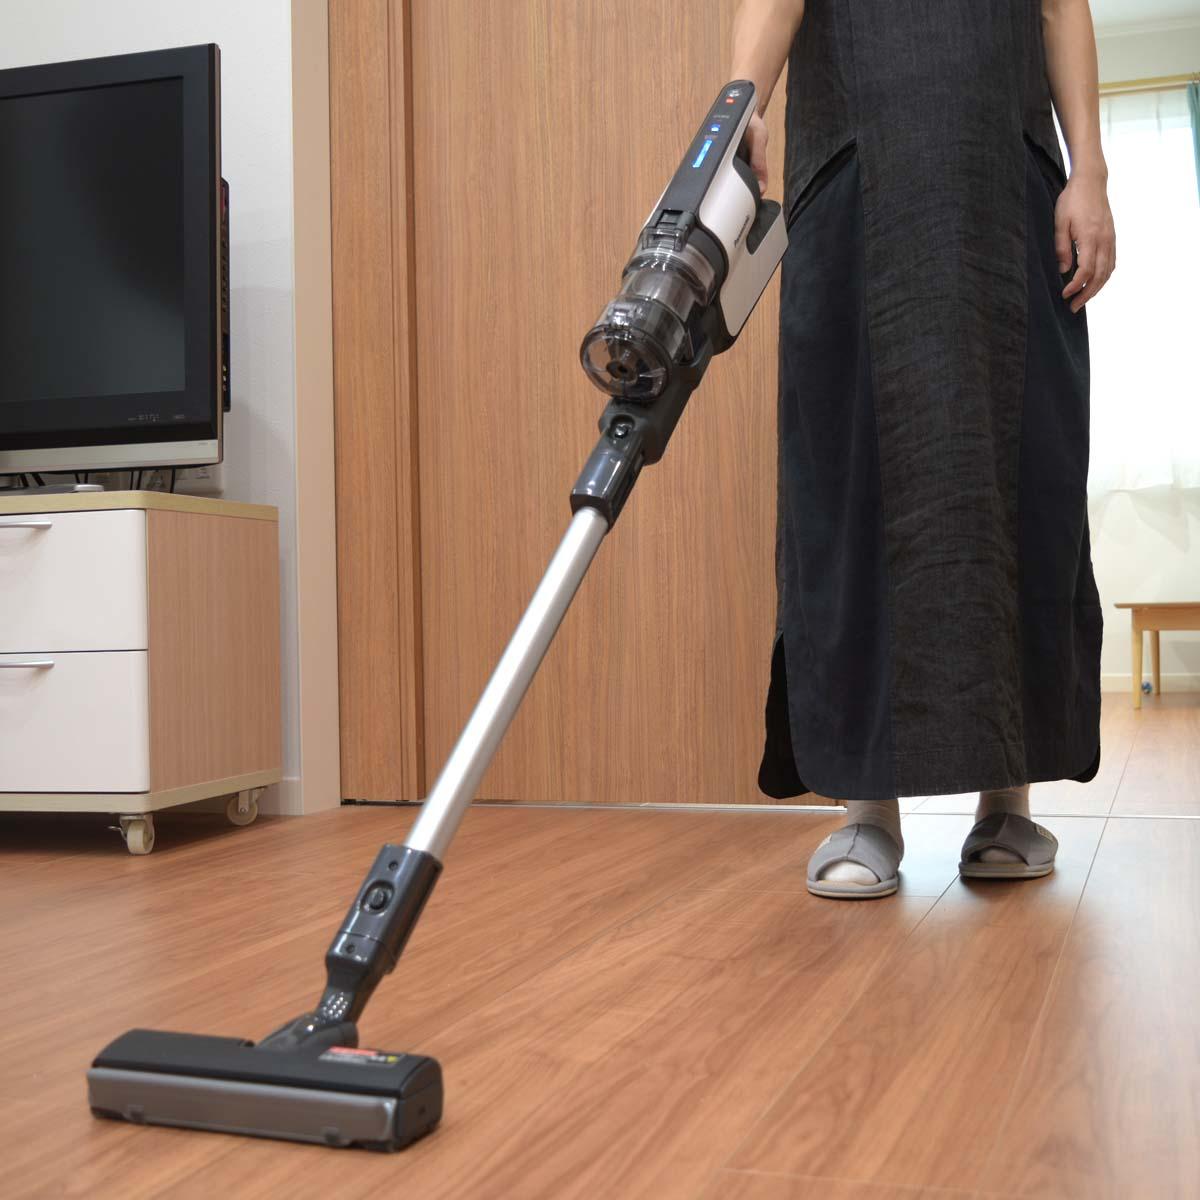 パナソニック「パワーコードレス」に、コードレススティック掃除機の理想を見た!